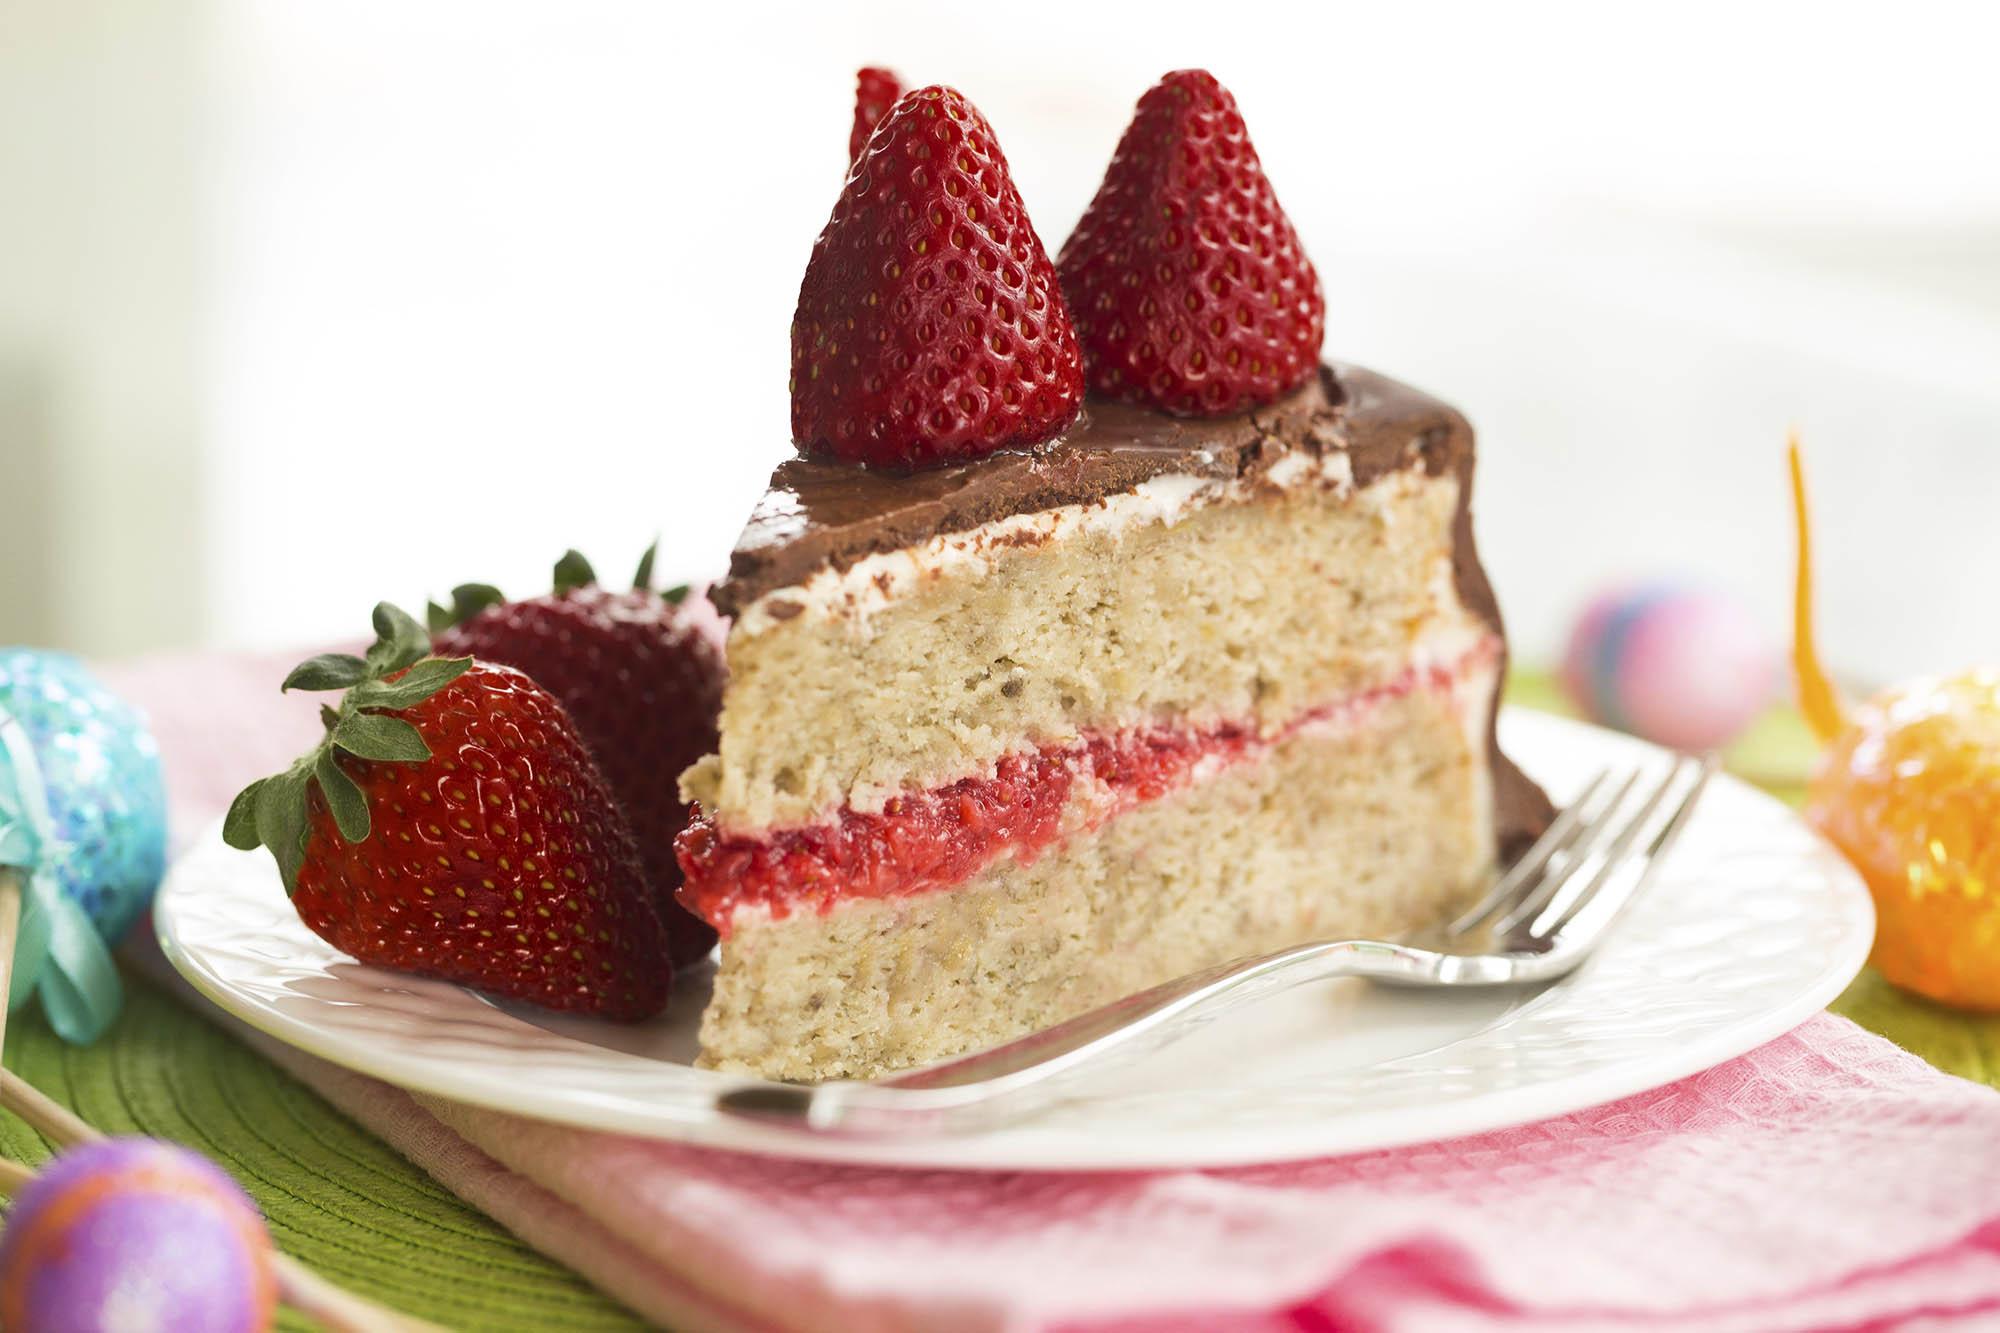 Banana Cake Recipe Chocolate Icing: Chocolate-Covered Banana Cake With Strawberries And Cream